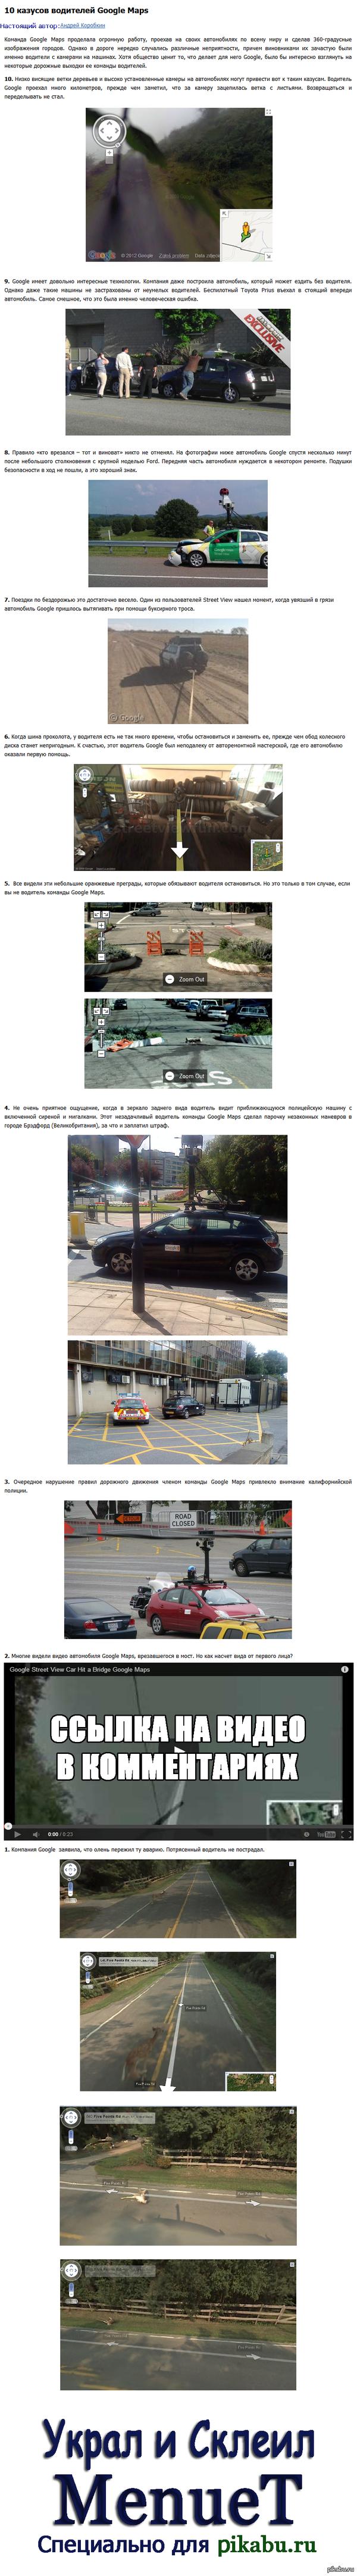 10 казусов водителей Google Maps Место для вашей рекламы.